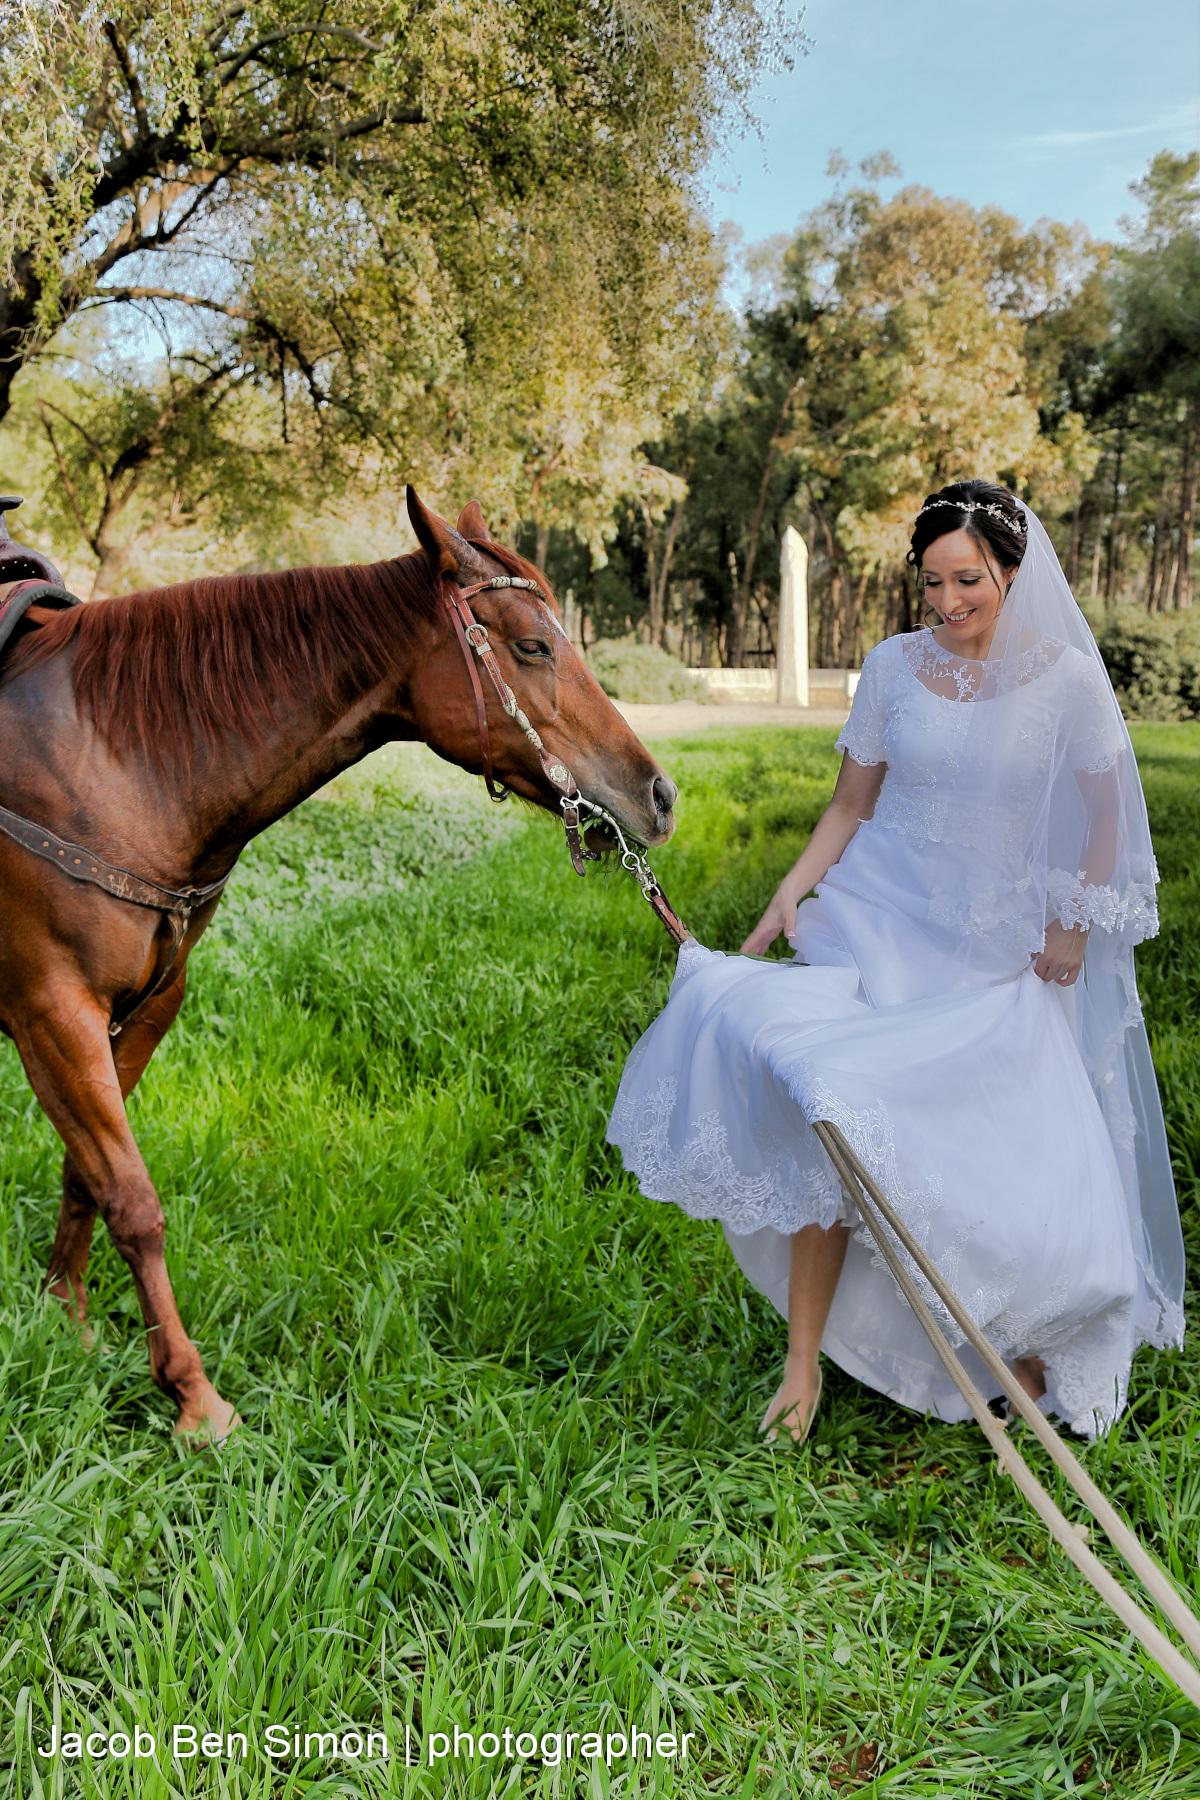 צילום חתונות-מאמר